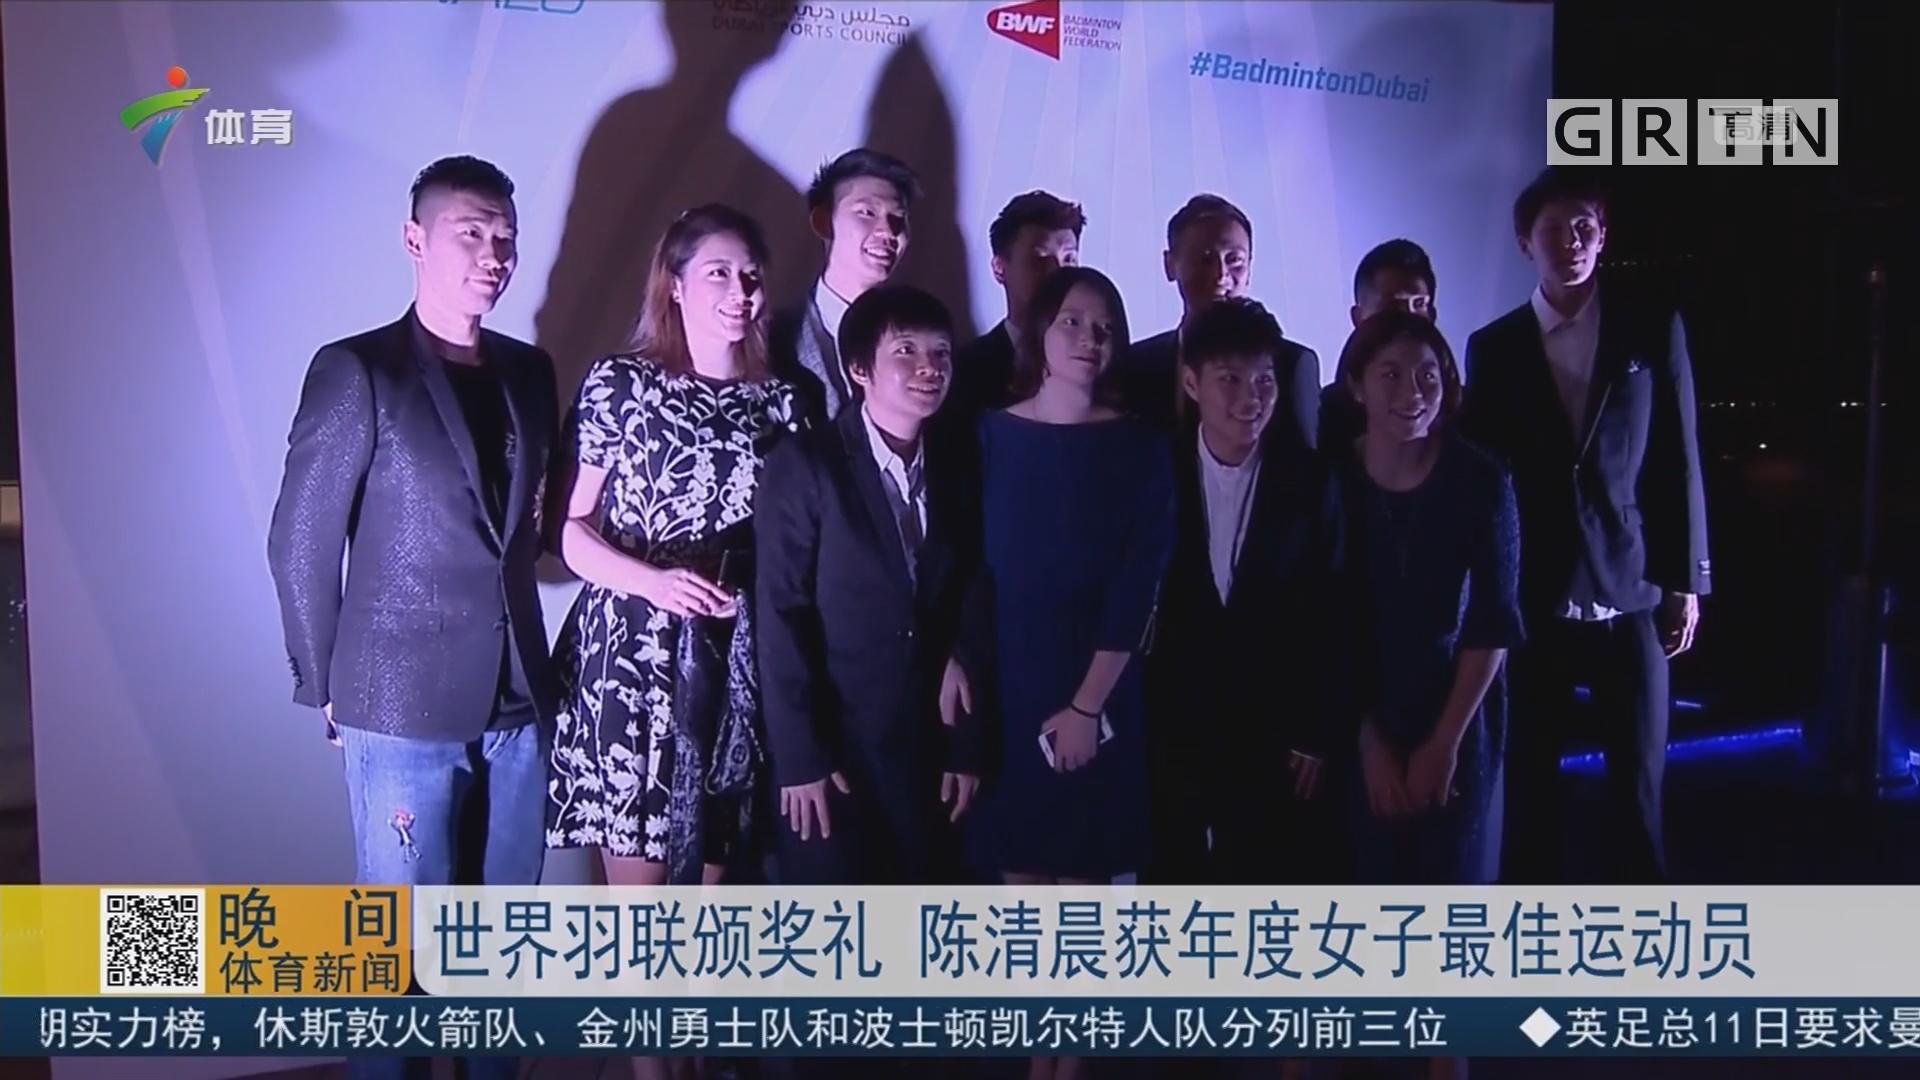 世界羽联颁奖礼 陈清晨获年度女子最佳运动员